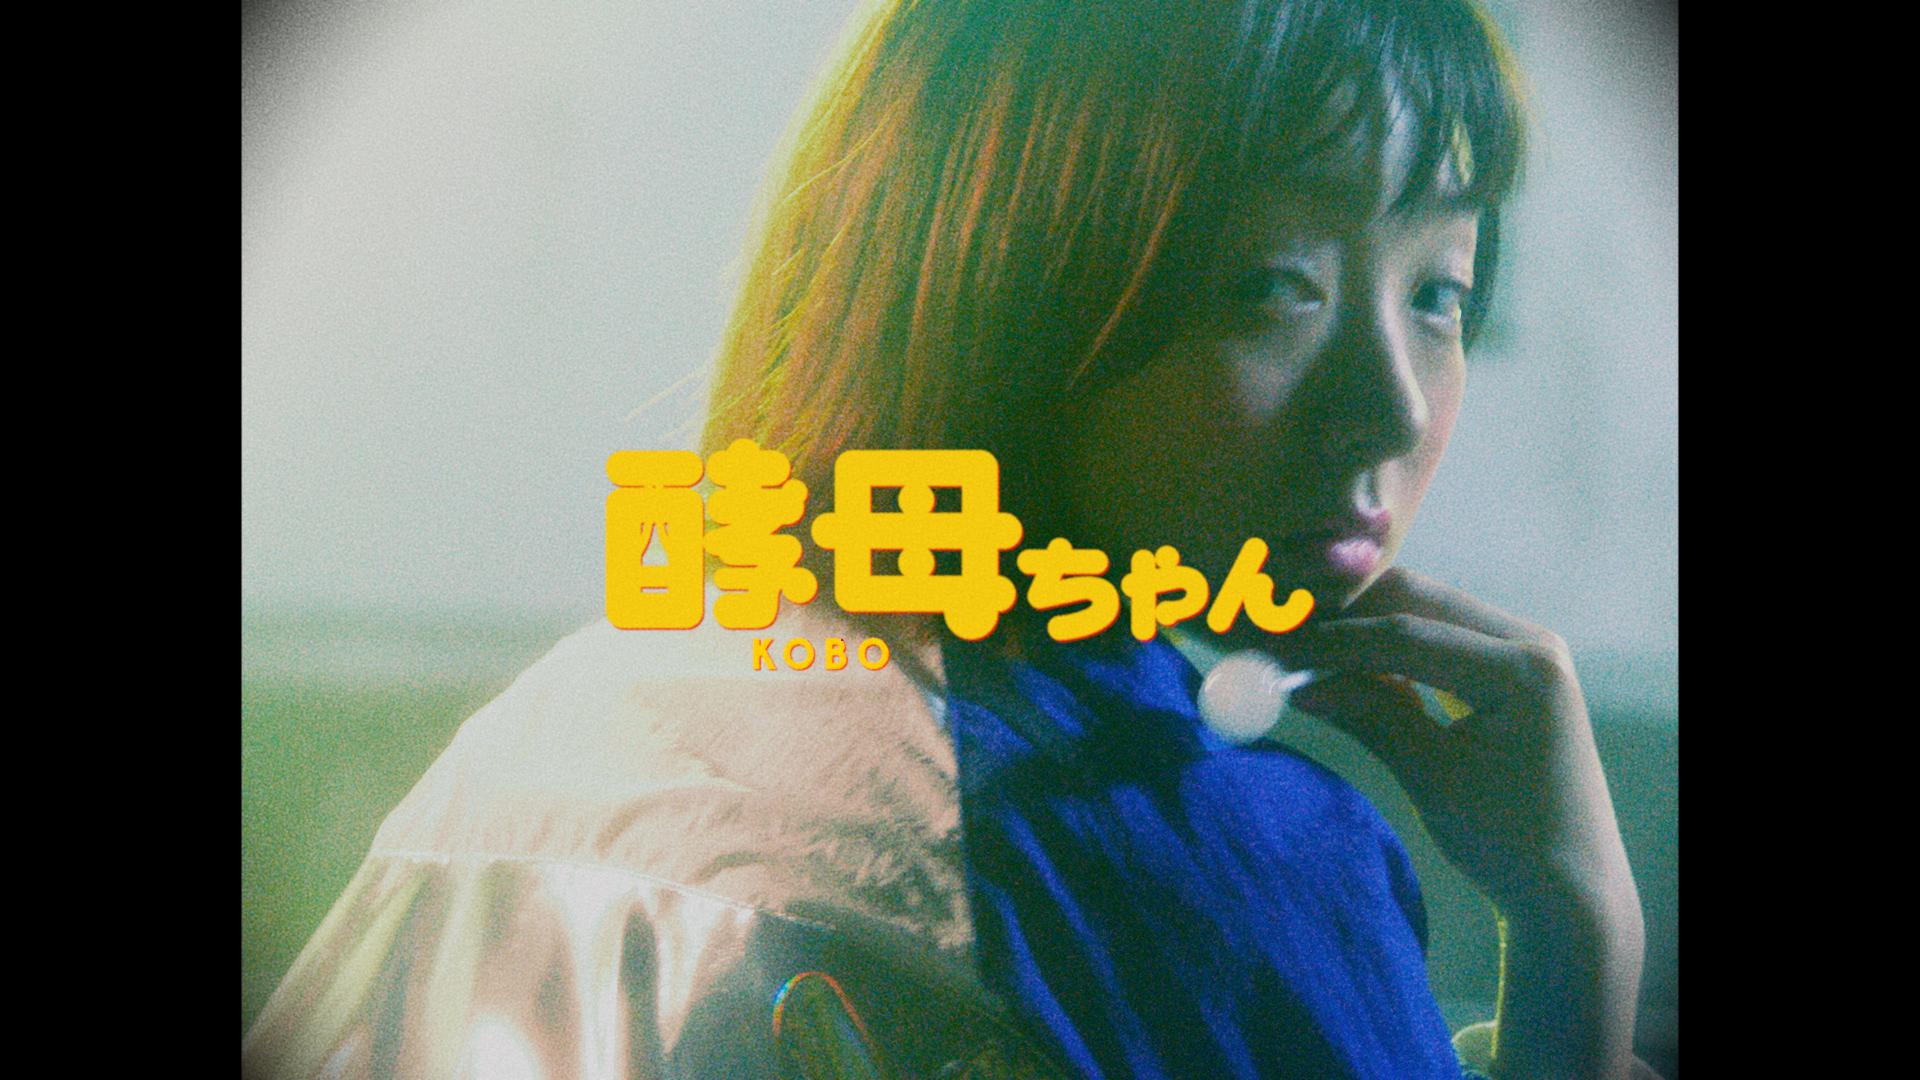 酵母ちゃん_final_edit_white.00_04_13_04.静止画028.jpg